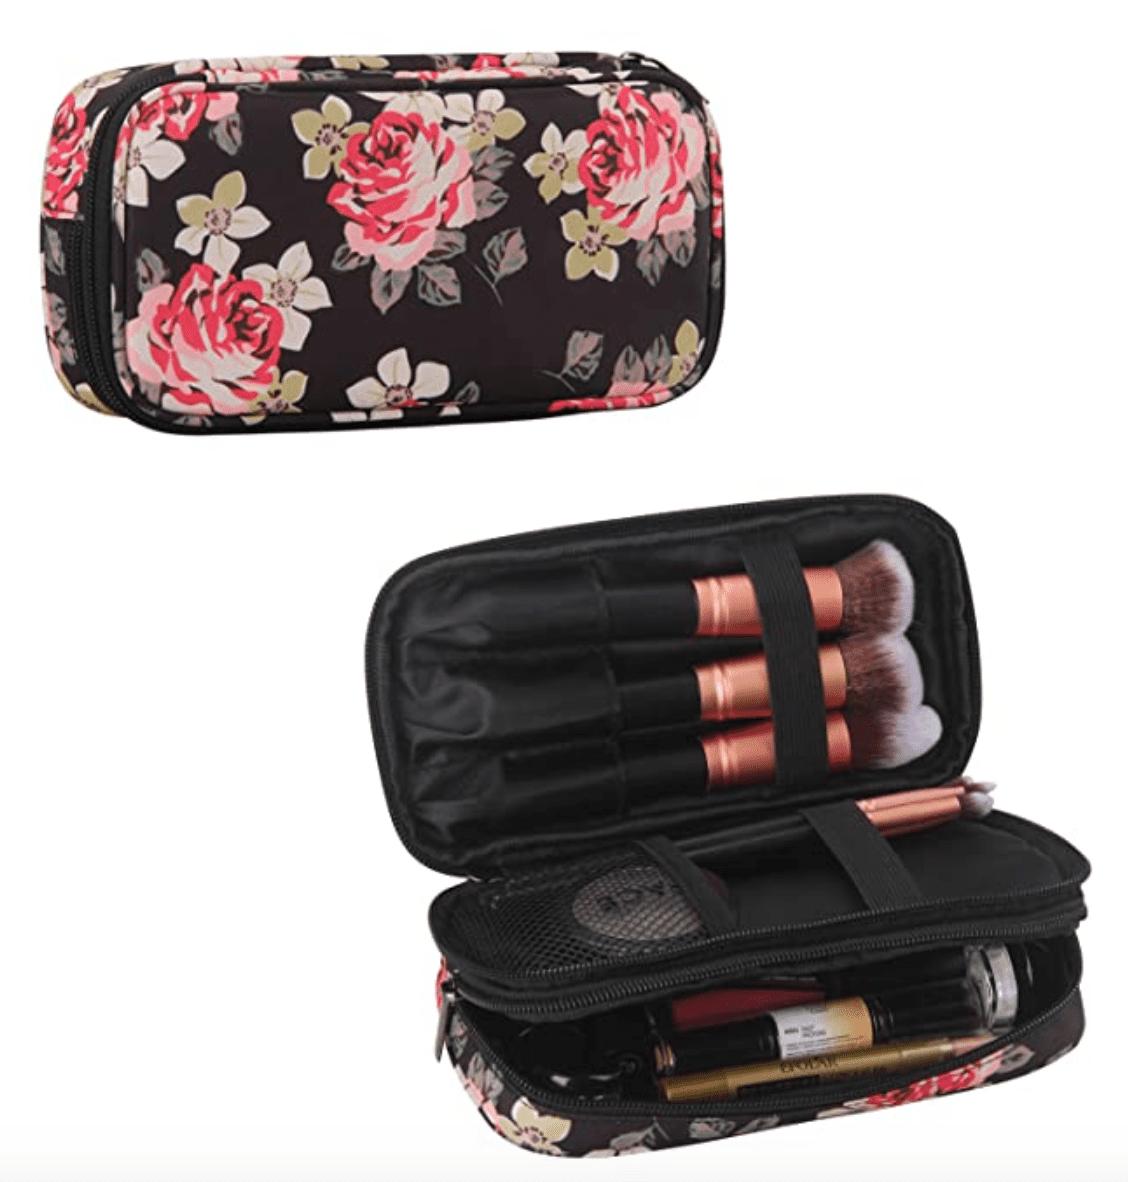 Monstina Makeup Bag with Mirror